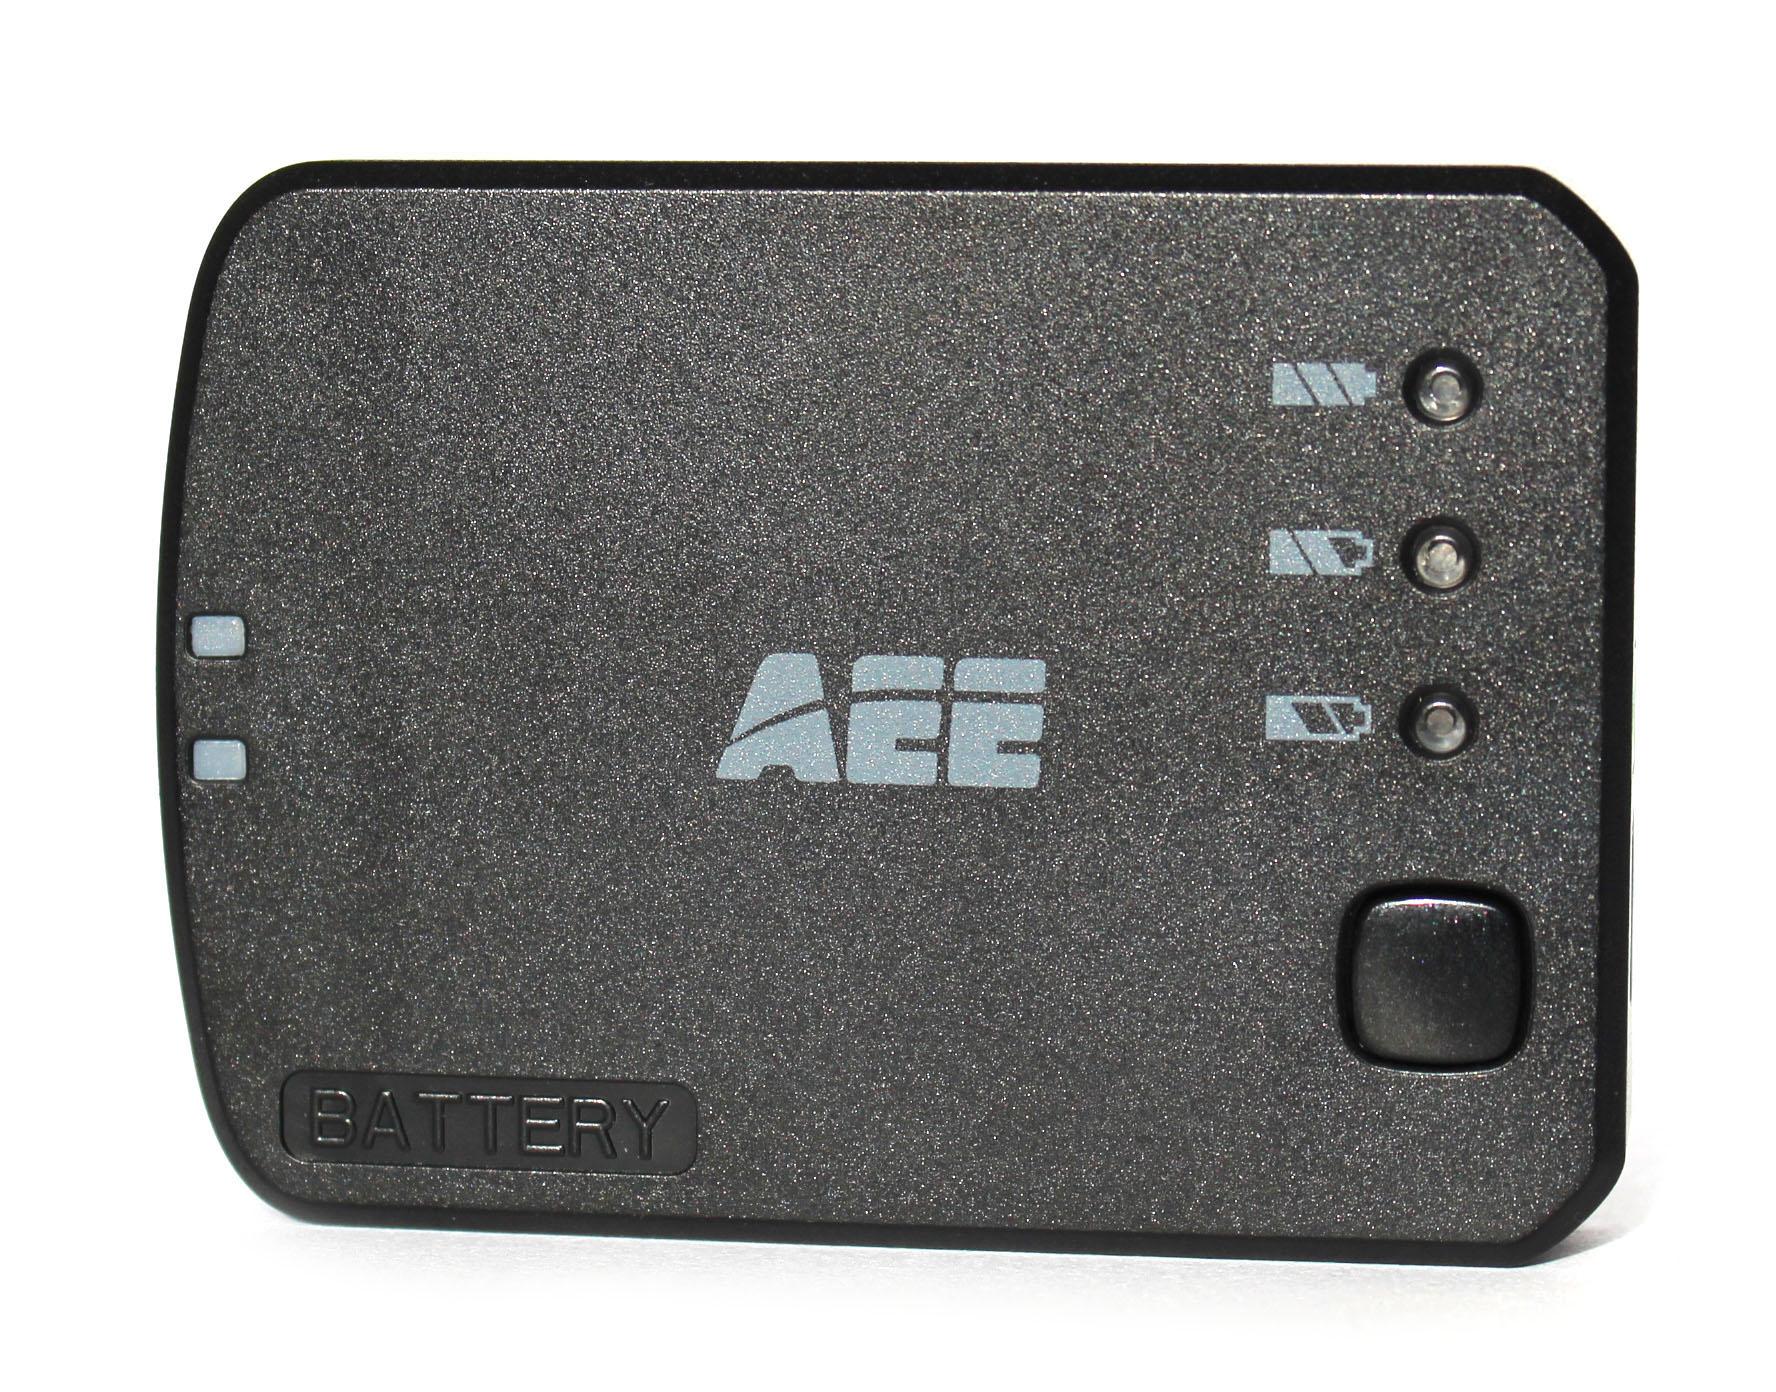 Příslušenství AEE Externí přídavná baterie - MagiCam S70